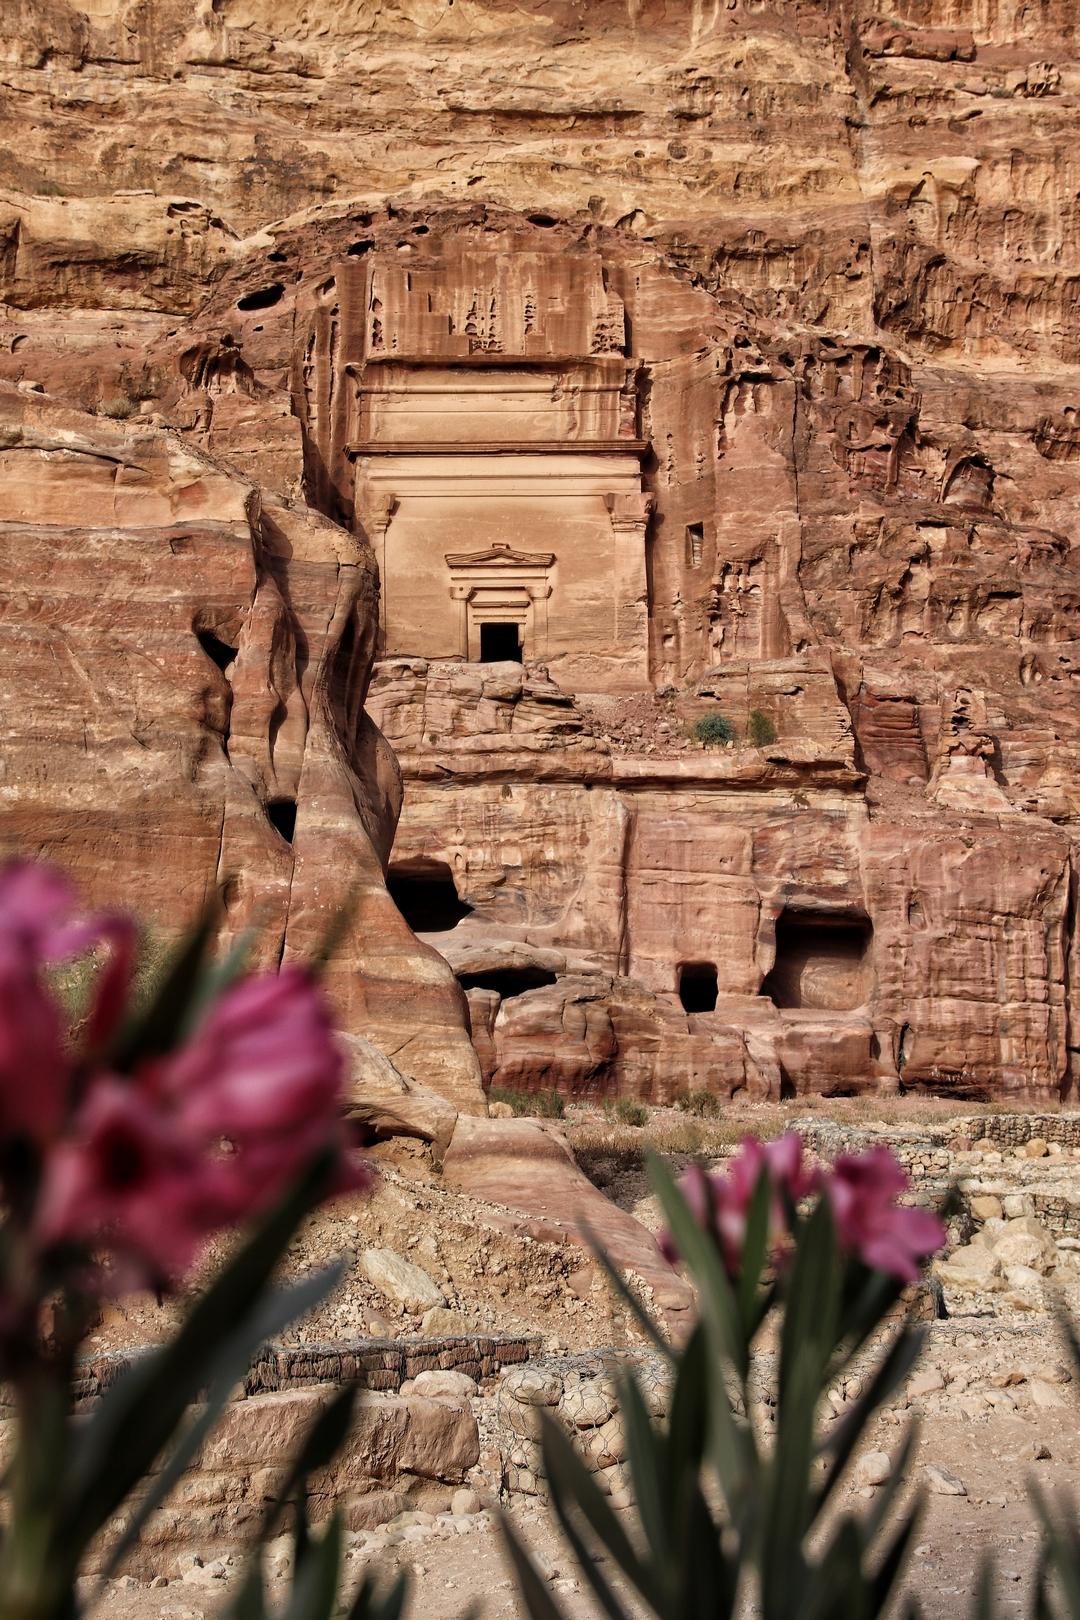 Jordanie - Tombeau sur le site de Petra